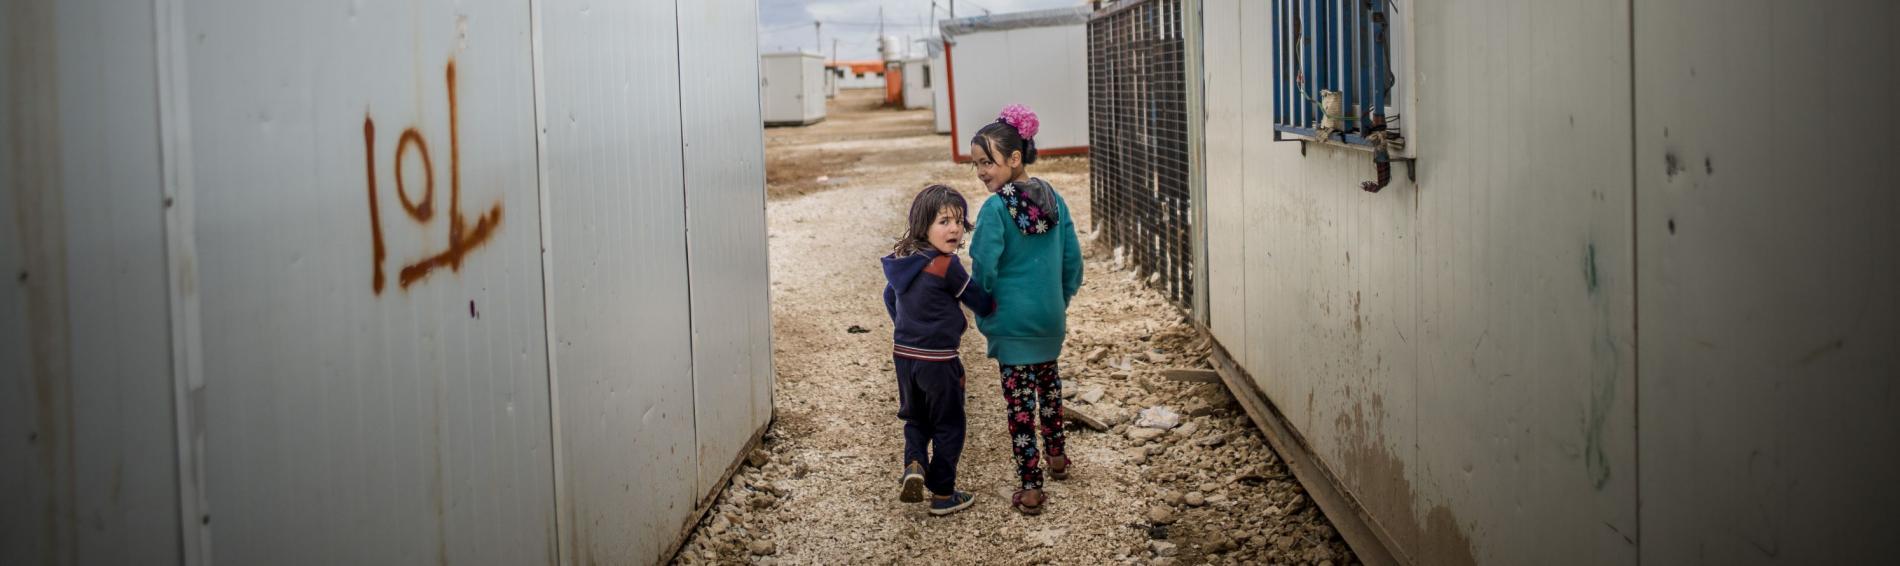 Kinder in einem jordanischen Flüchtlingscamp. Foto: Olivier Papegnies